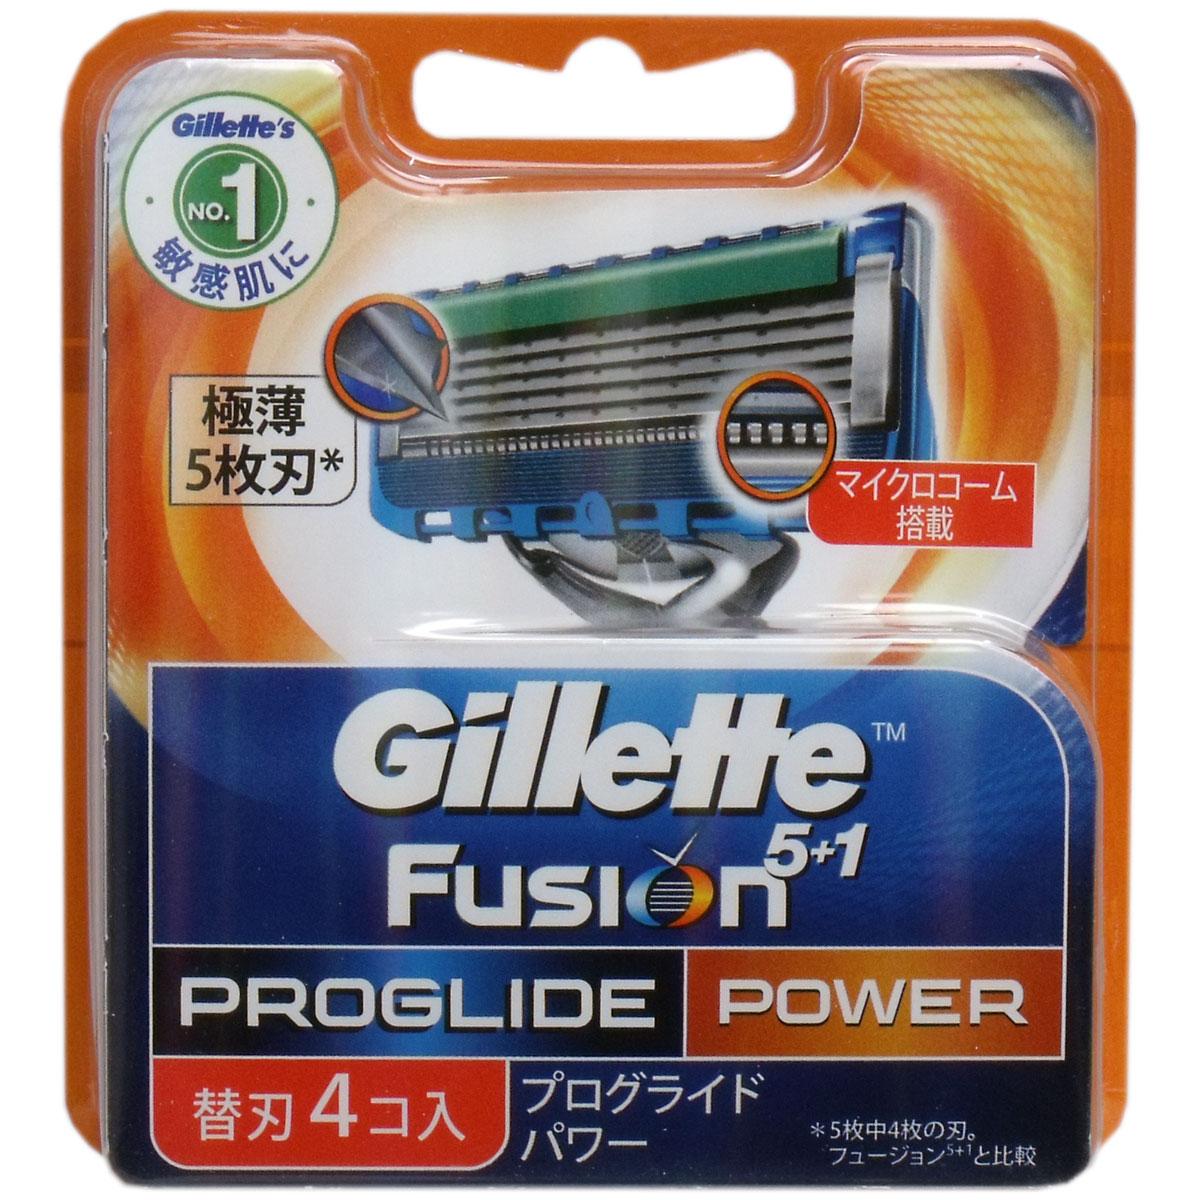 ジレット フュージョン プログライド パワー 日本最大級の品揃え 替刃 4個入 お取り寄せ品髭剃り シェービング 返品キャンセル不可品 市販 大感謝価格 カミソリ 髭剃り